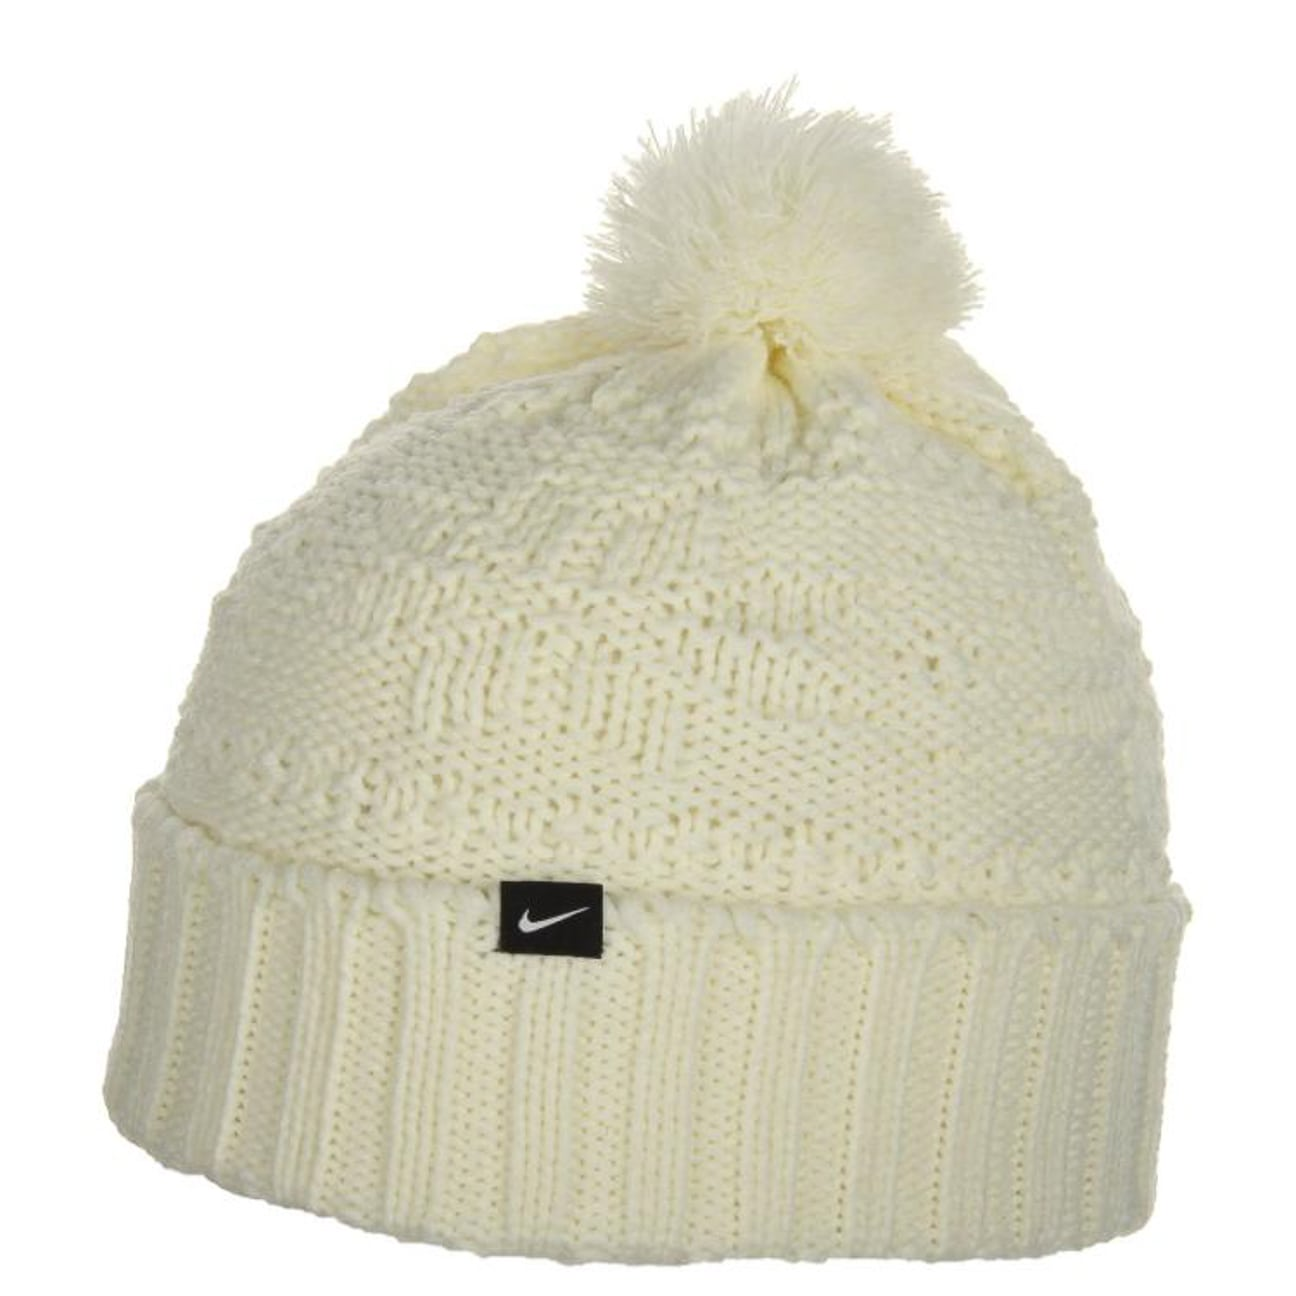 c3100f618ac ... Pom Pom Knit Hat for Women by Nike - black 1